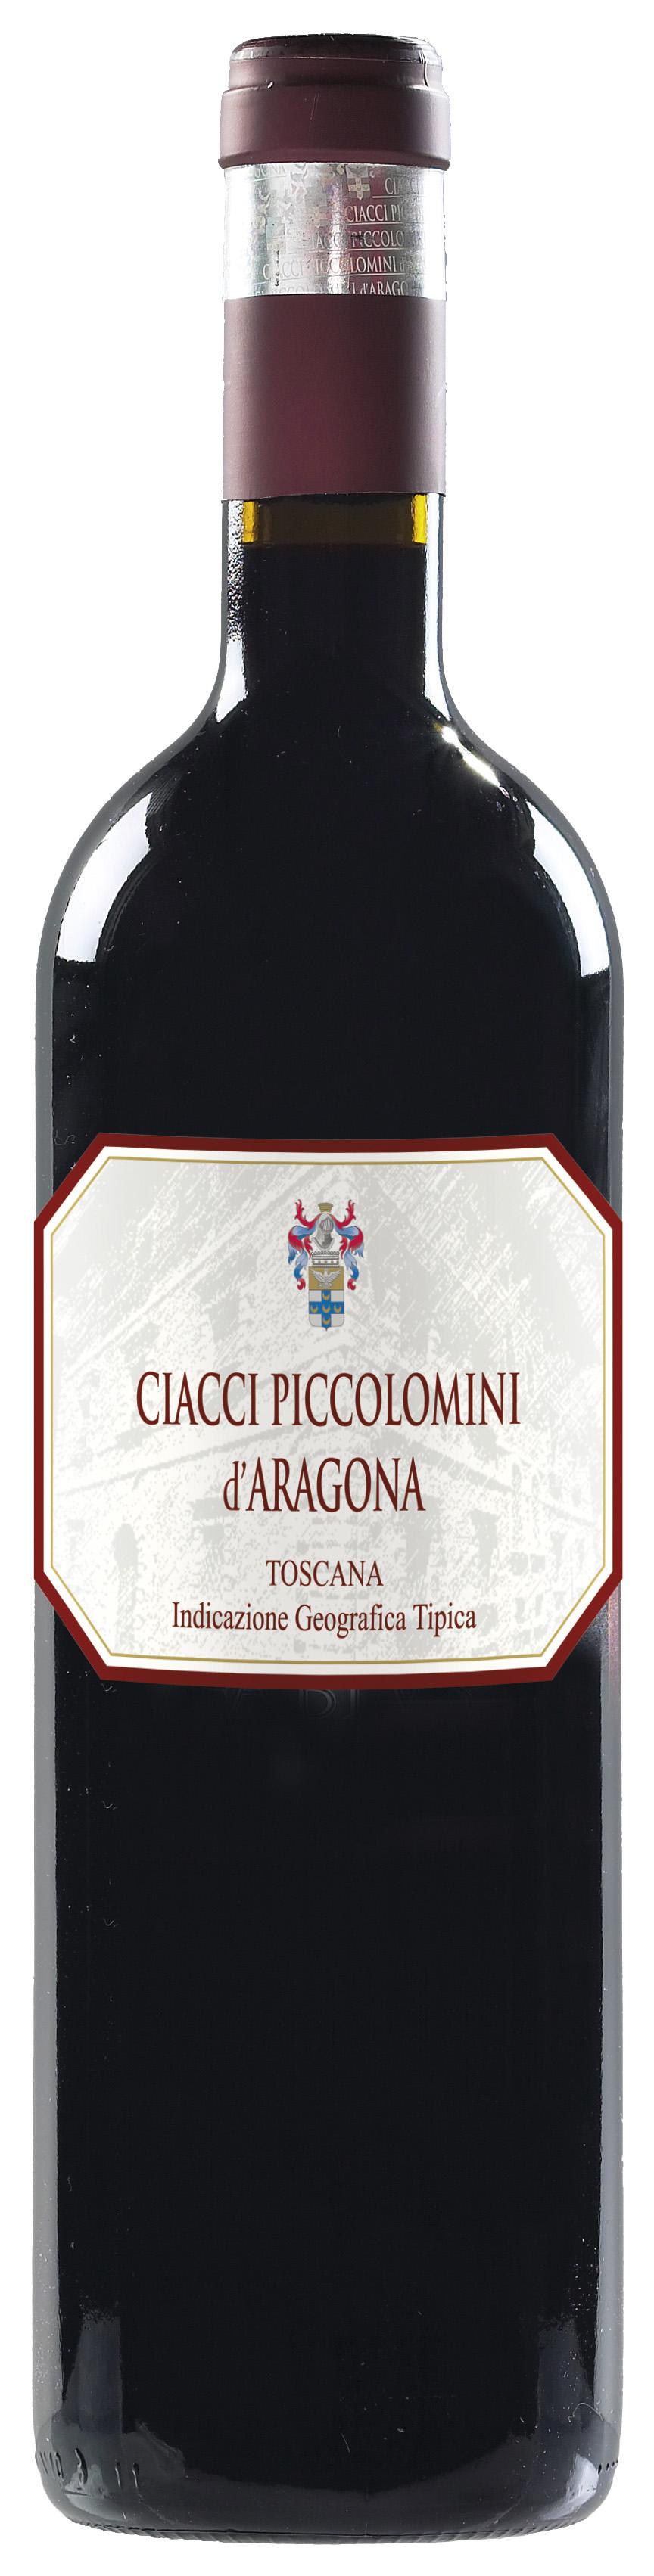 IGT Toscana Rosso